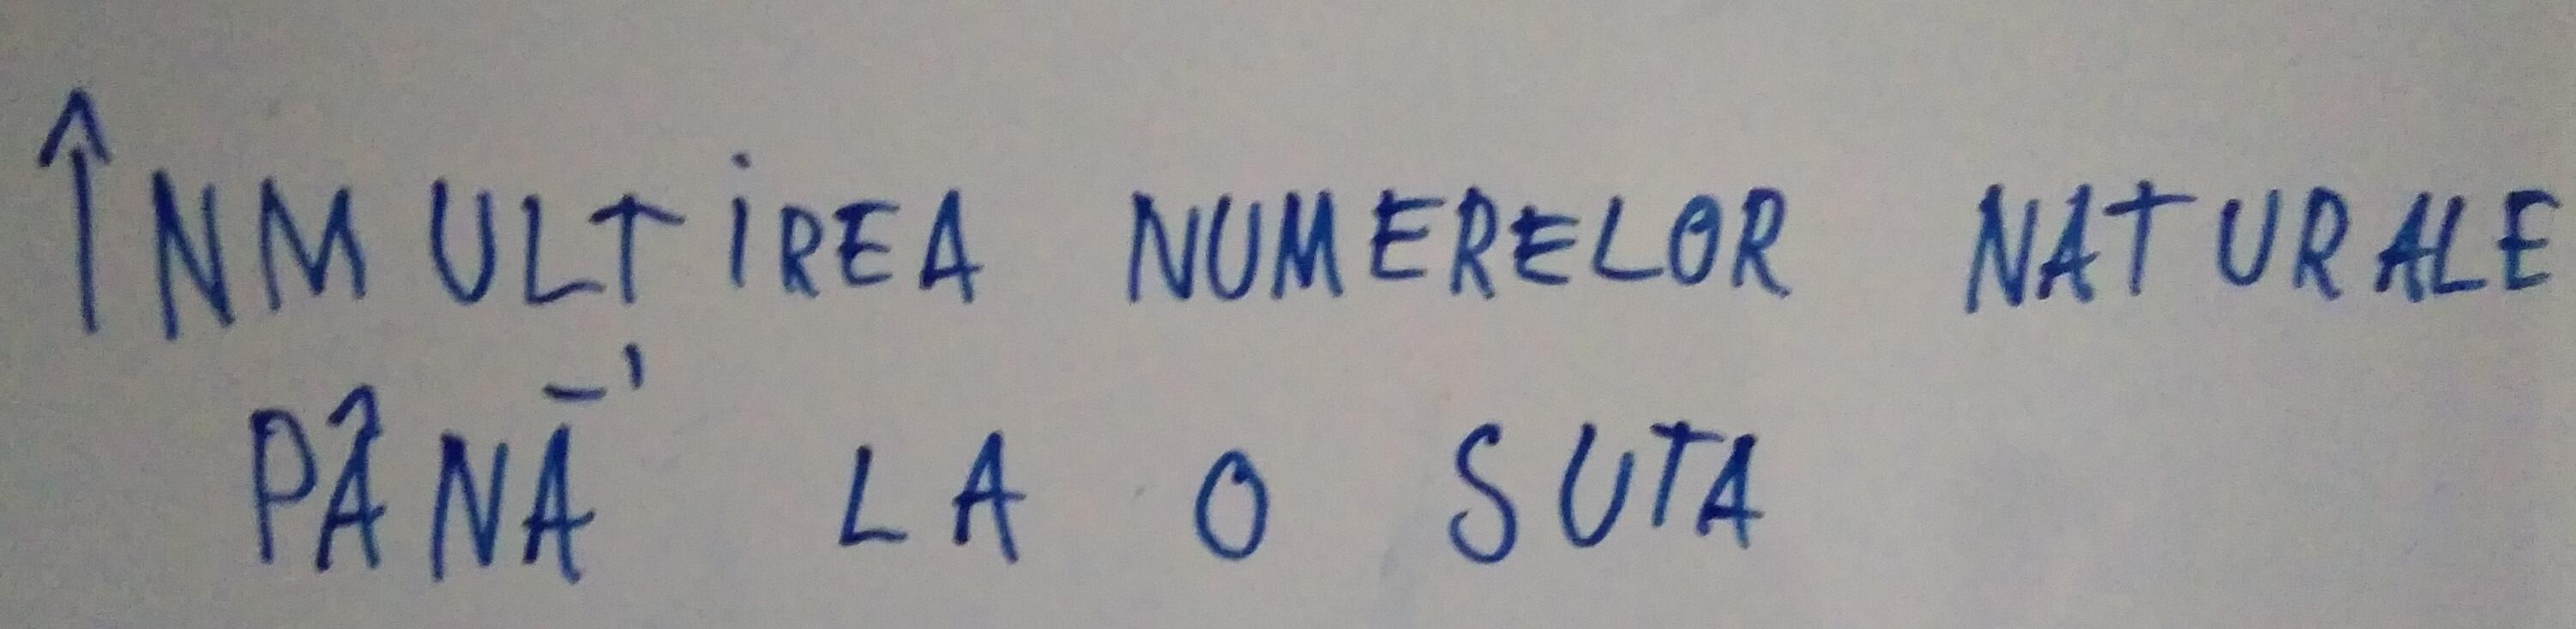 Înmulțirea numerelor naturale până la 100